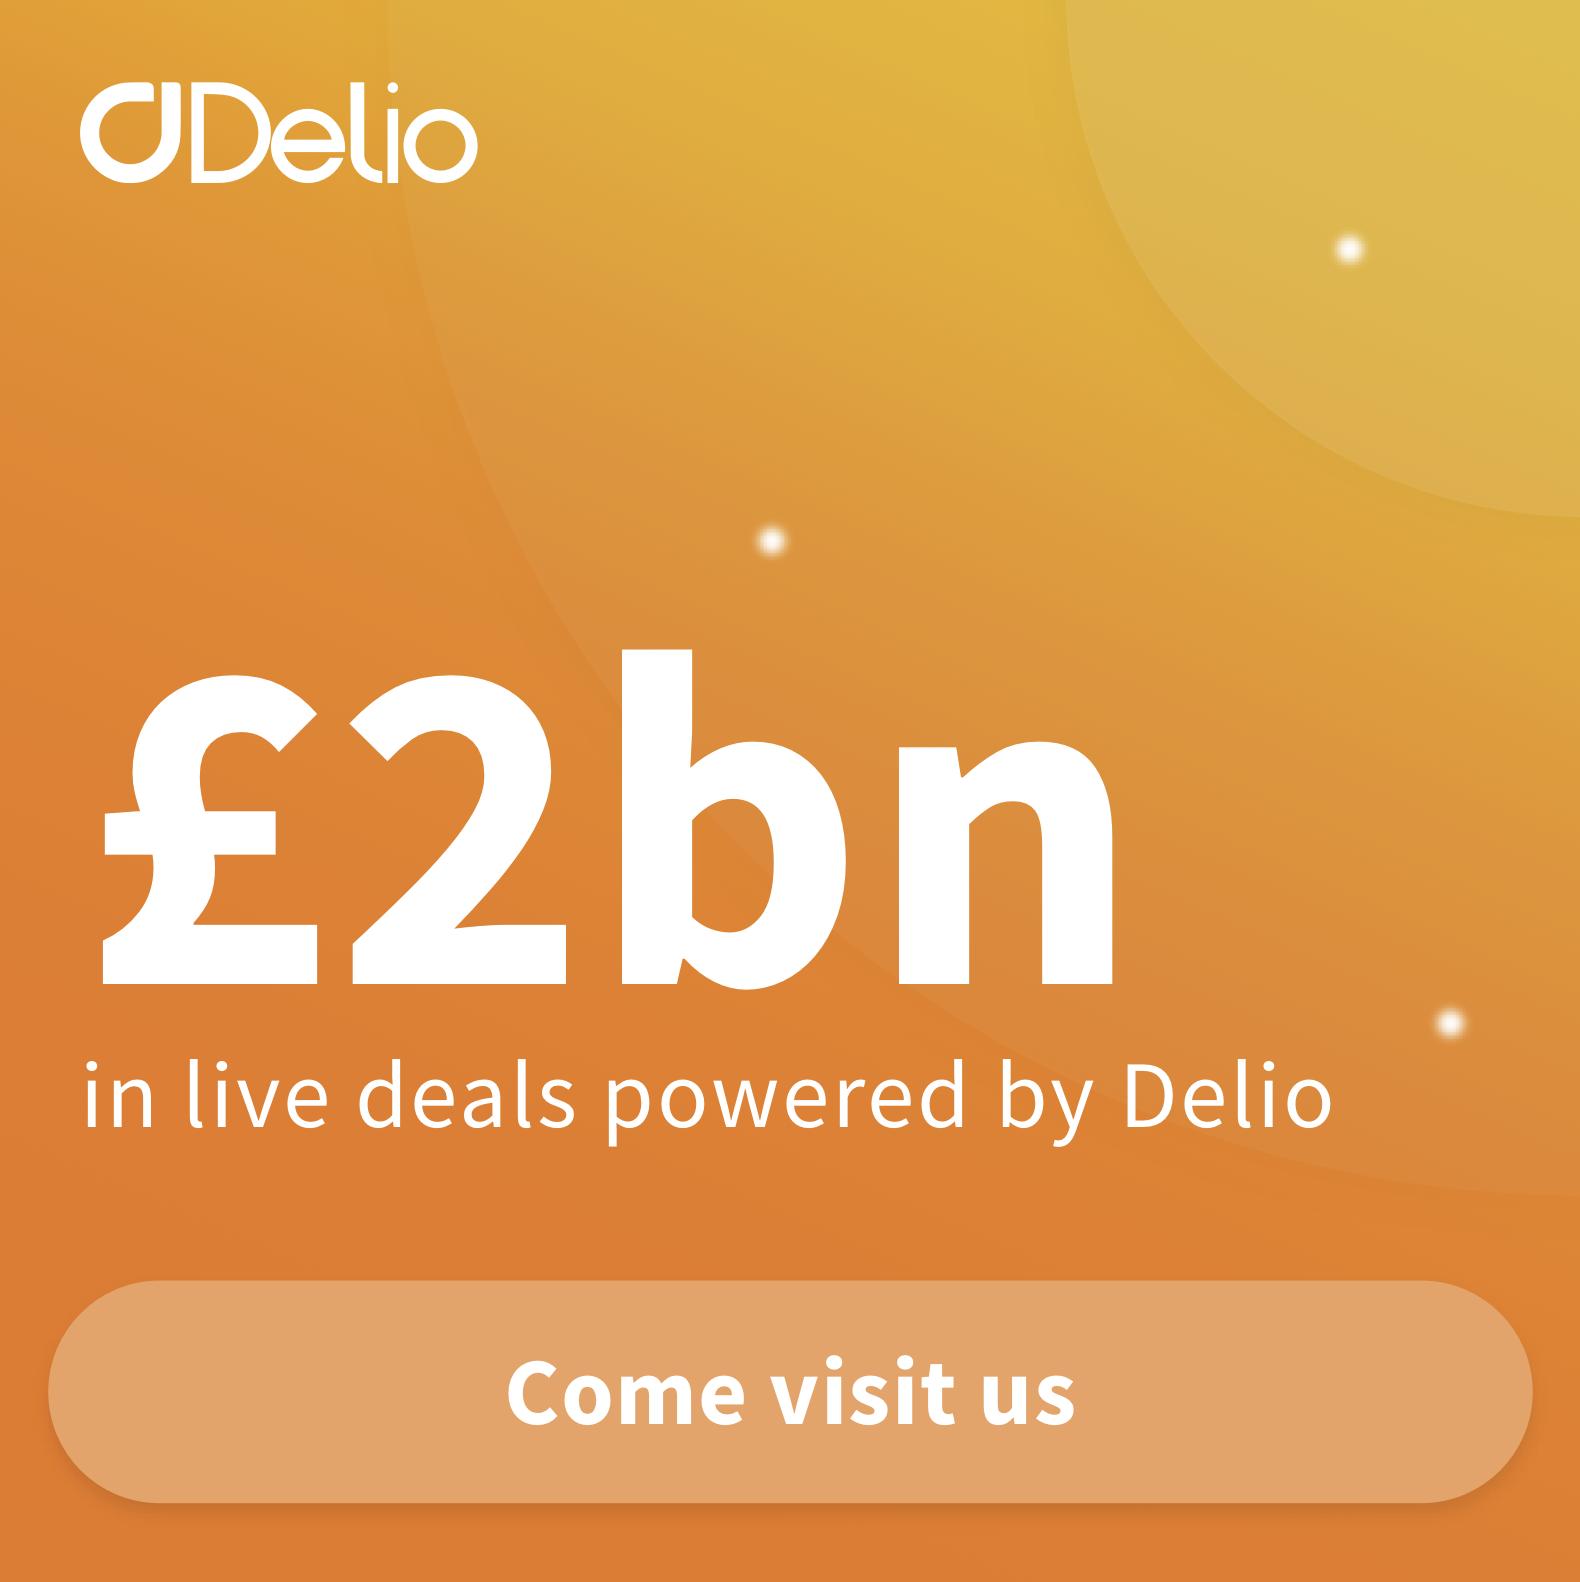 Delio-Come visit us